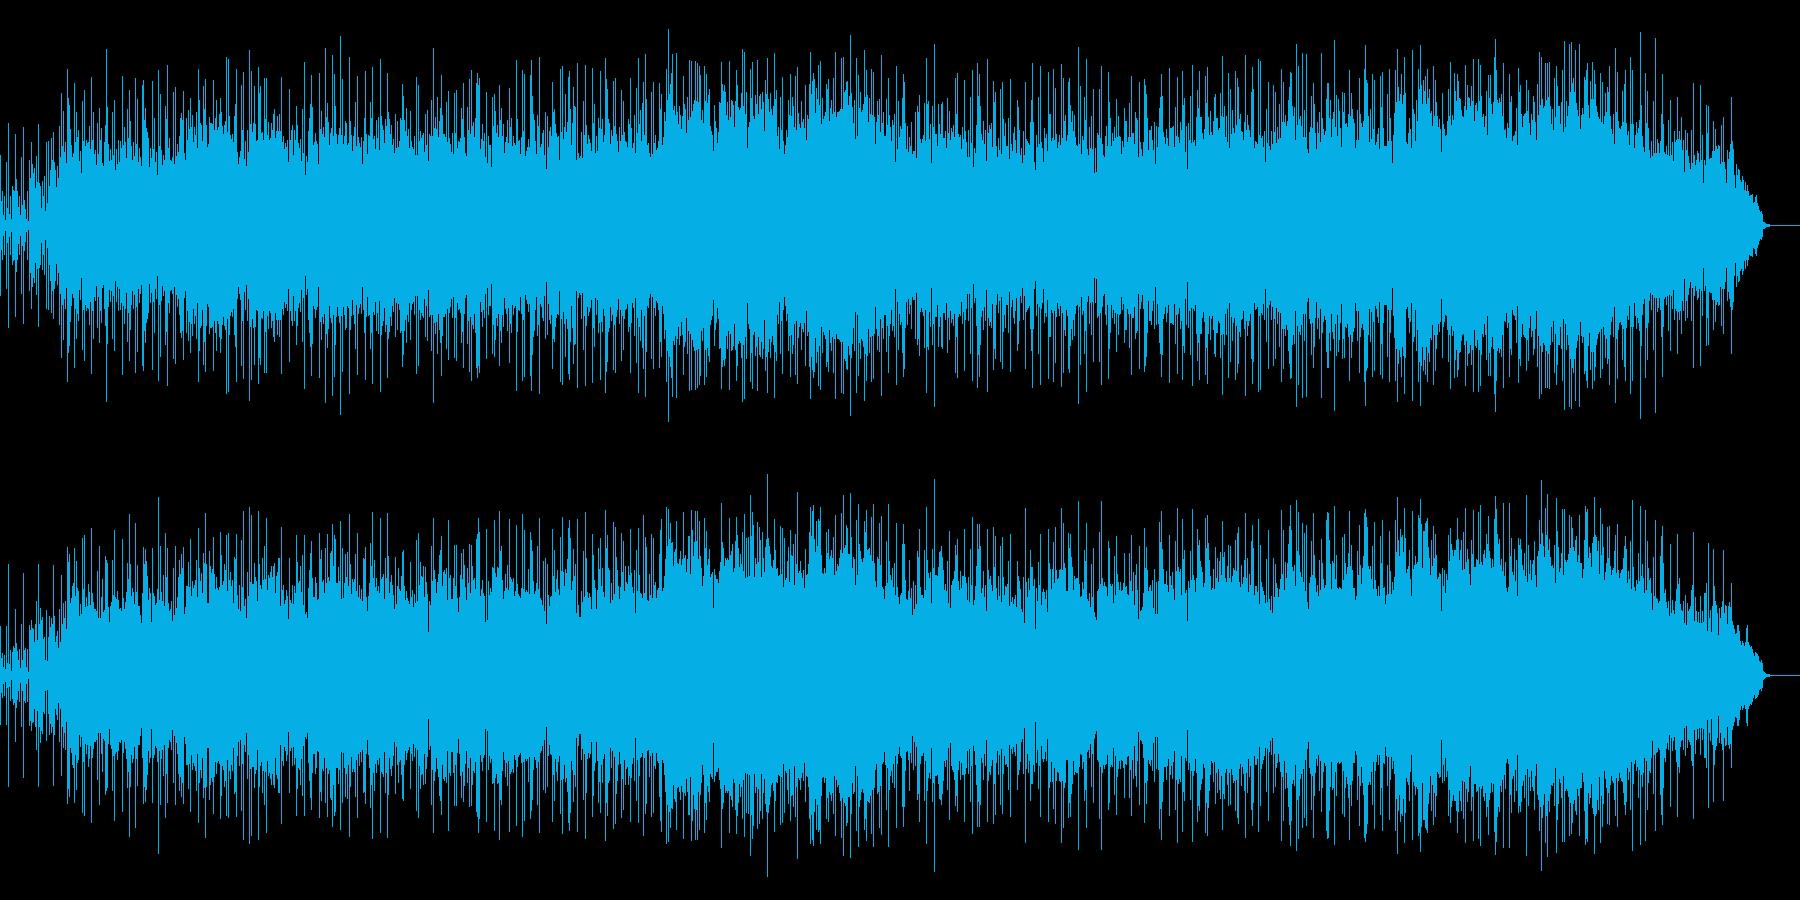 エレクトリックなバラードの再生済みの波形